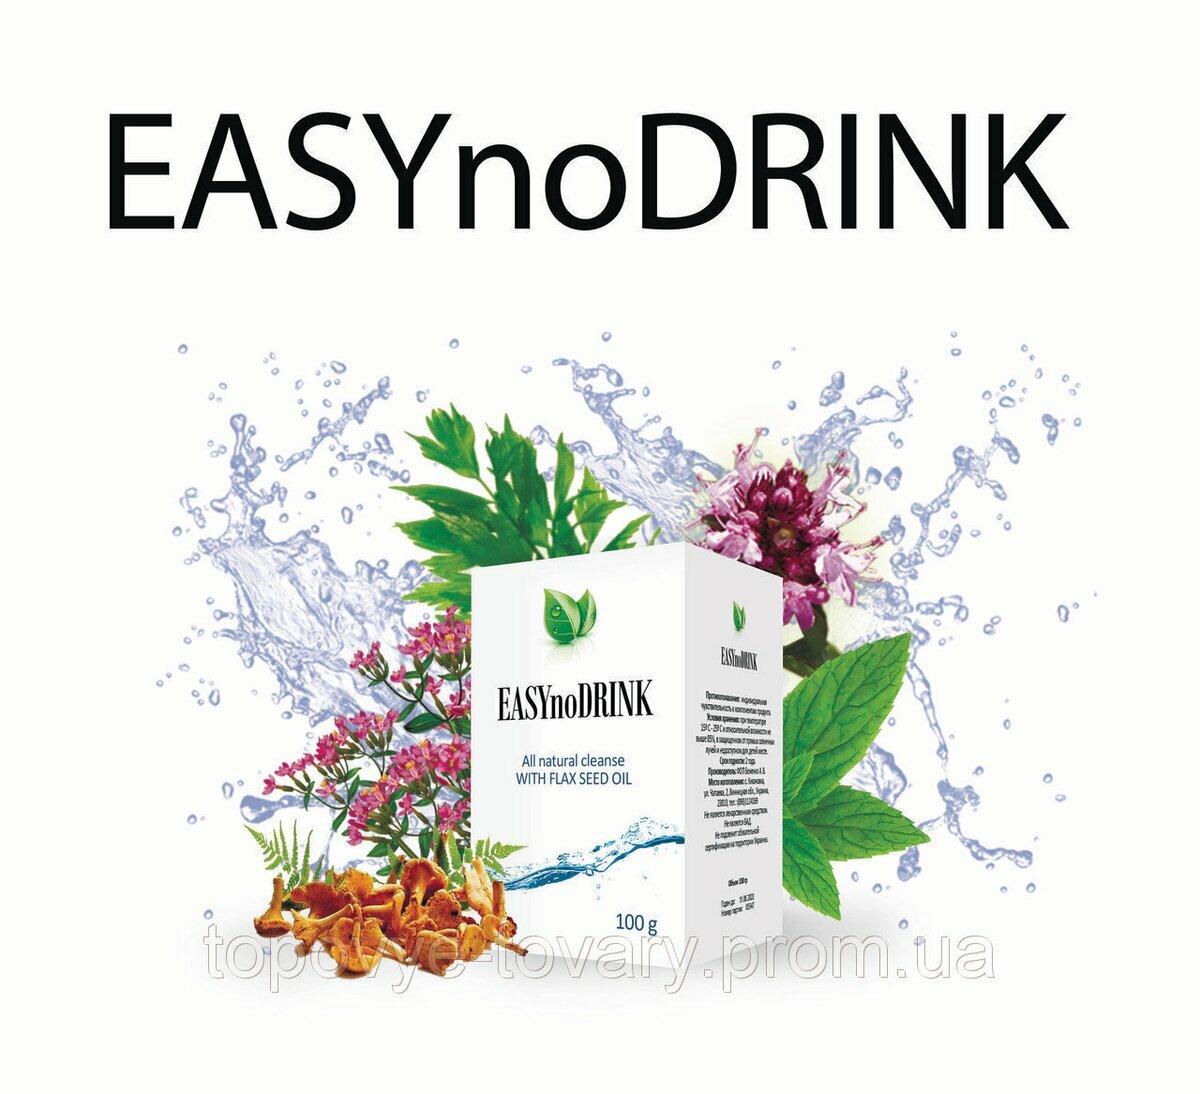 EASYnoDRINK концентрат от алкоголизма в Иваново